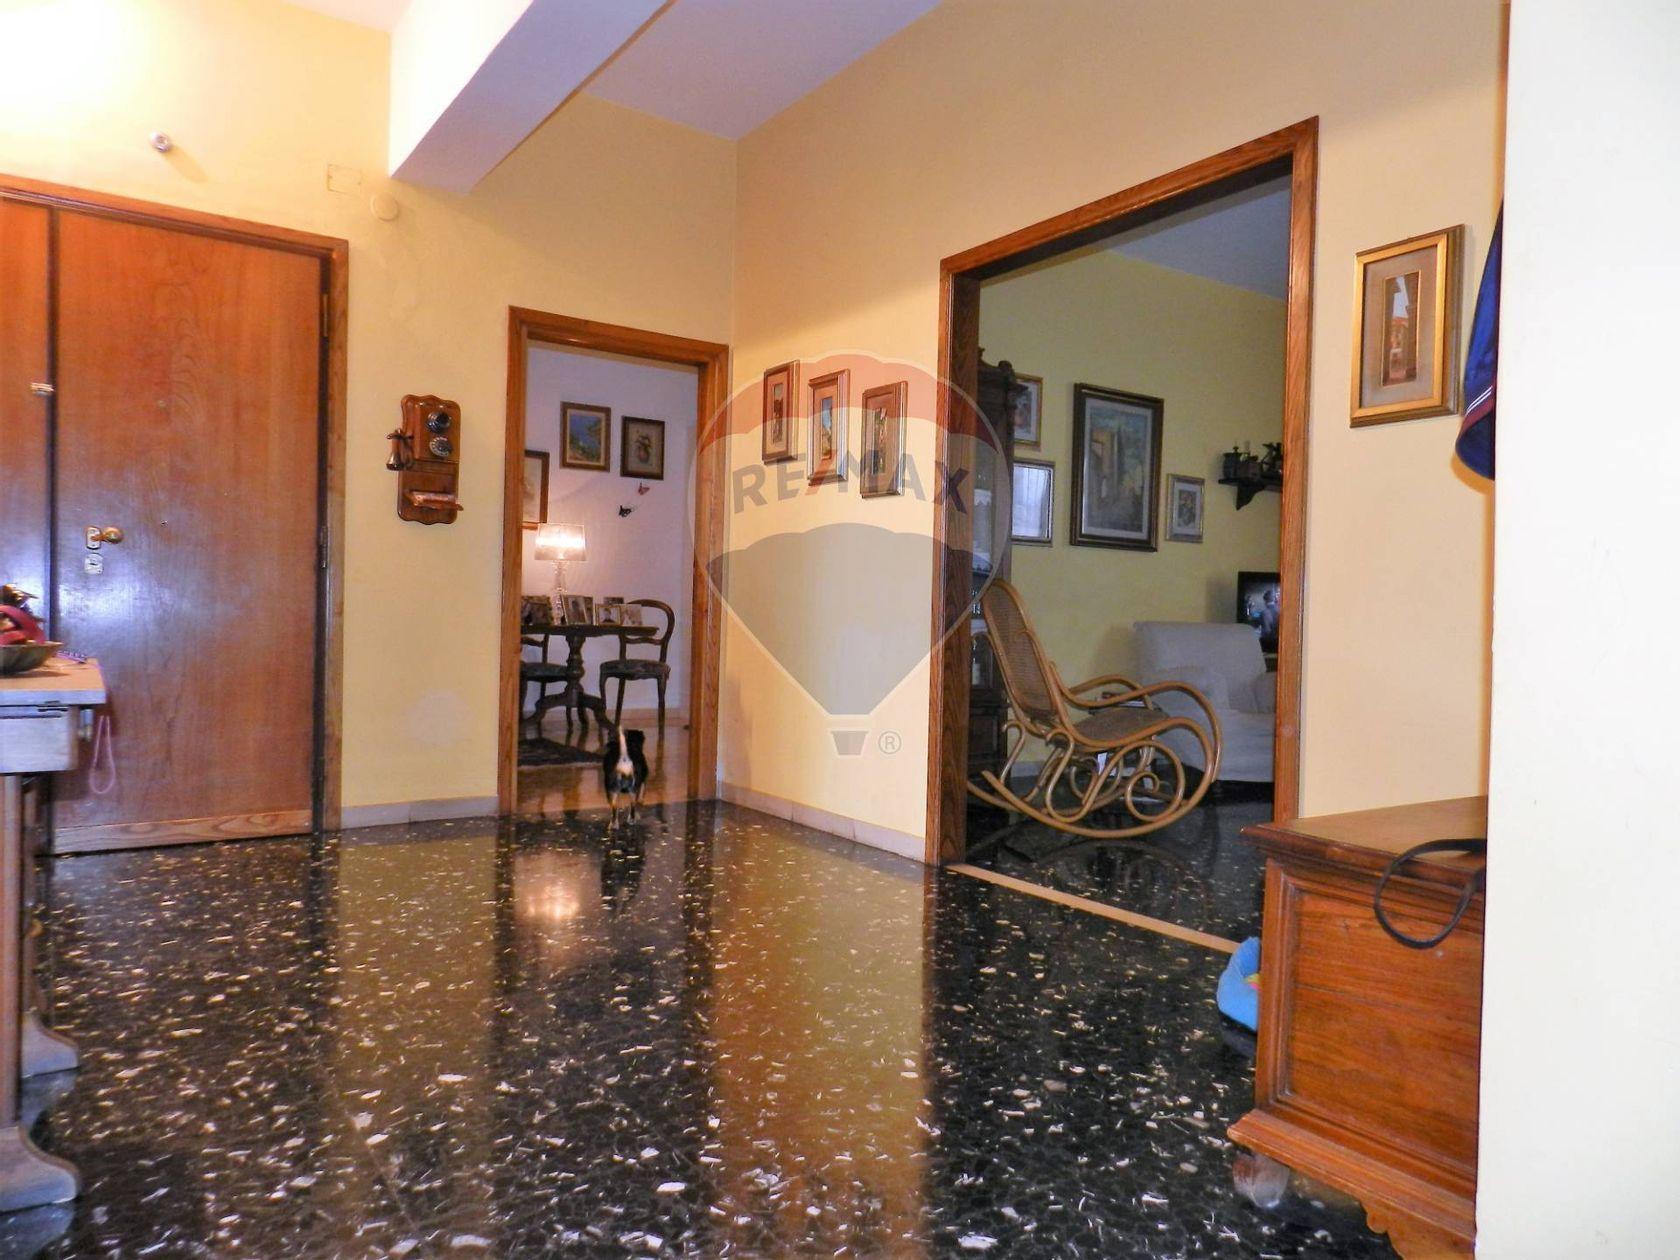 Appartamento Firenze - Porta A Prato San Jacopino Fortezza, Firenze, FI Vendita - Foto 7